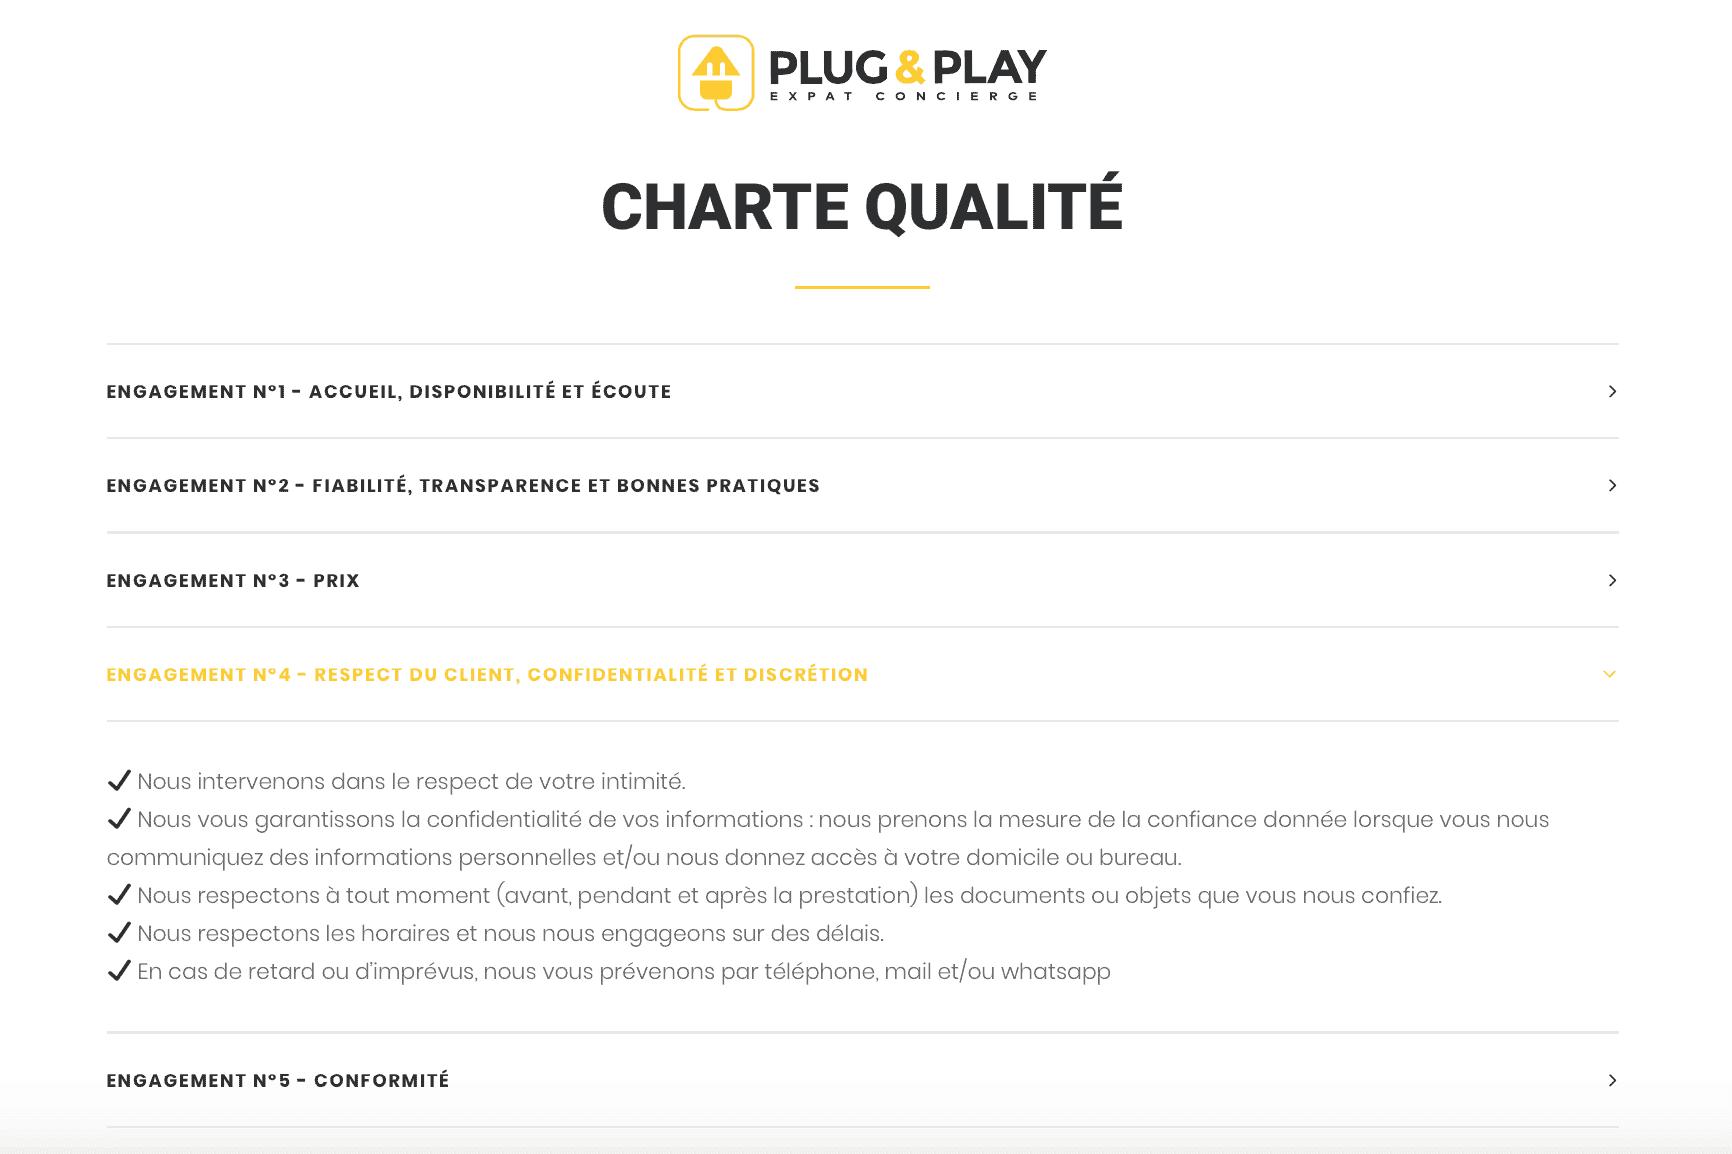 charte qualite - plug and play Barcelona